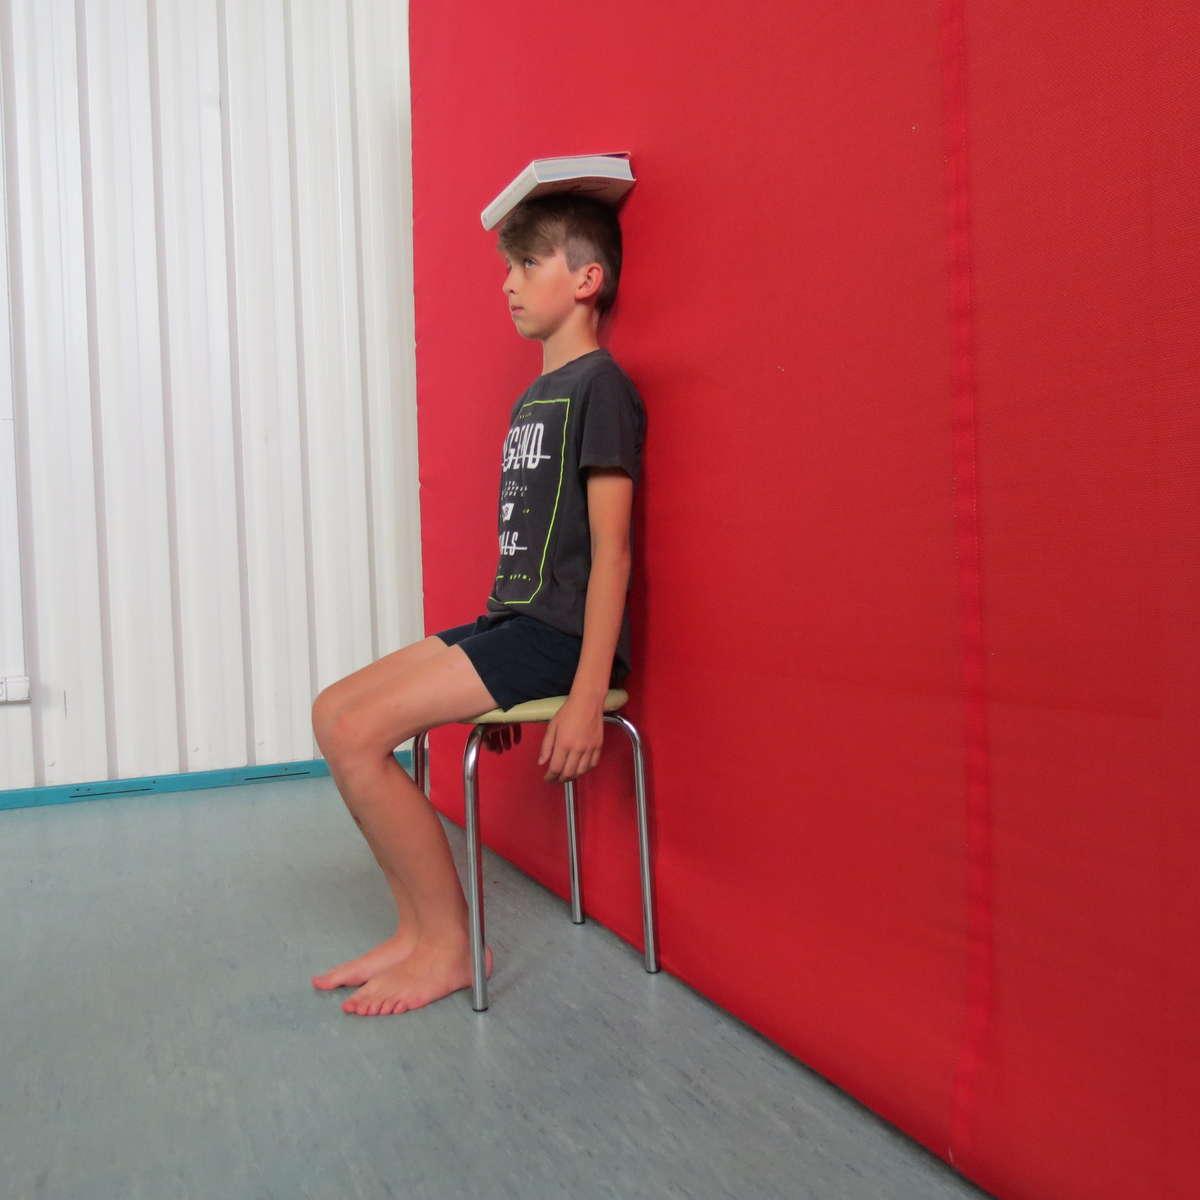 Ćwiczeni na skoliozy. Model Kacper Kuształo